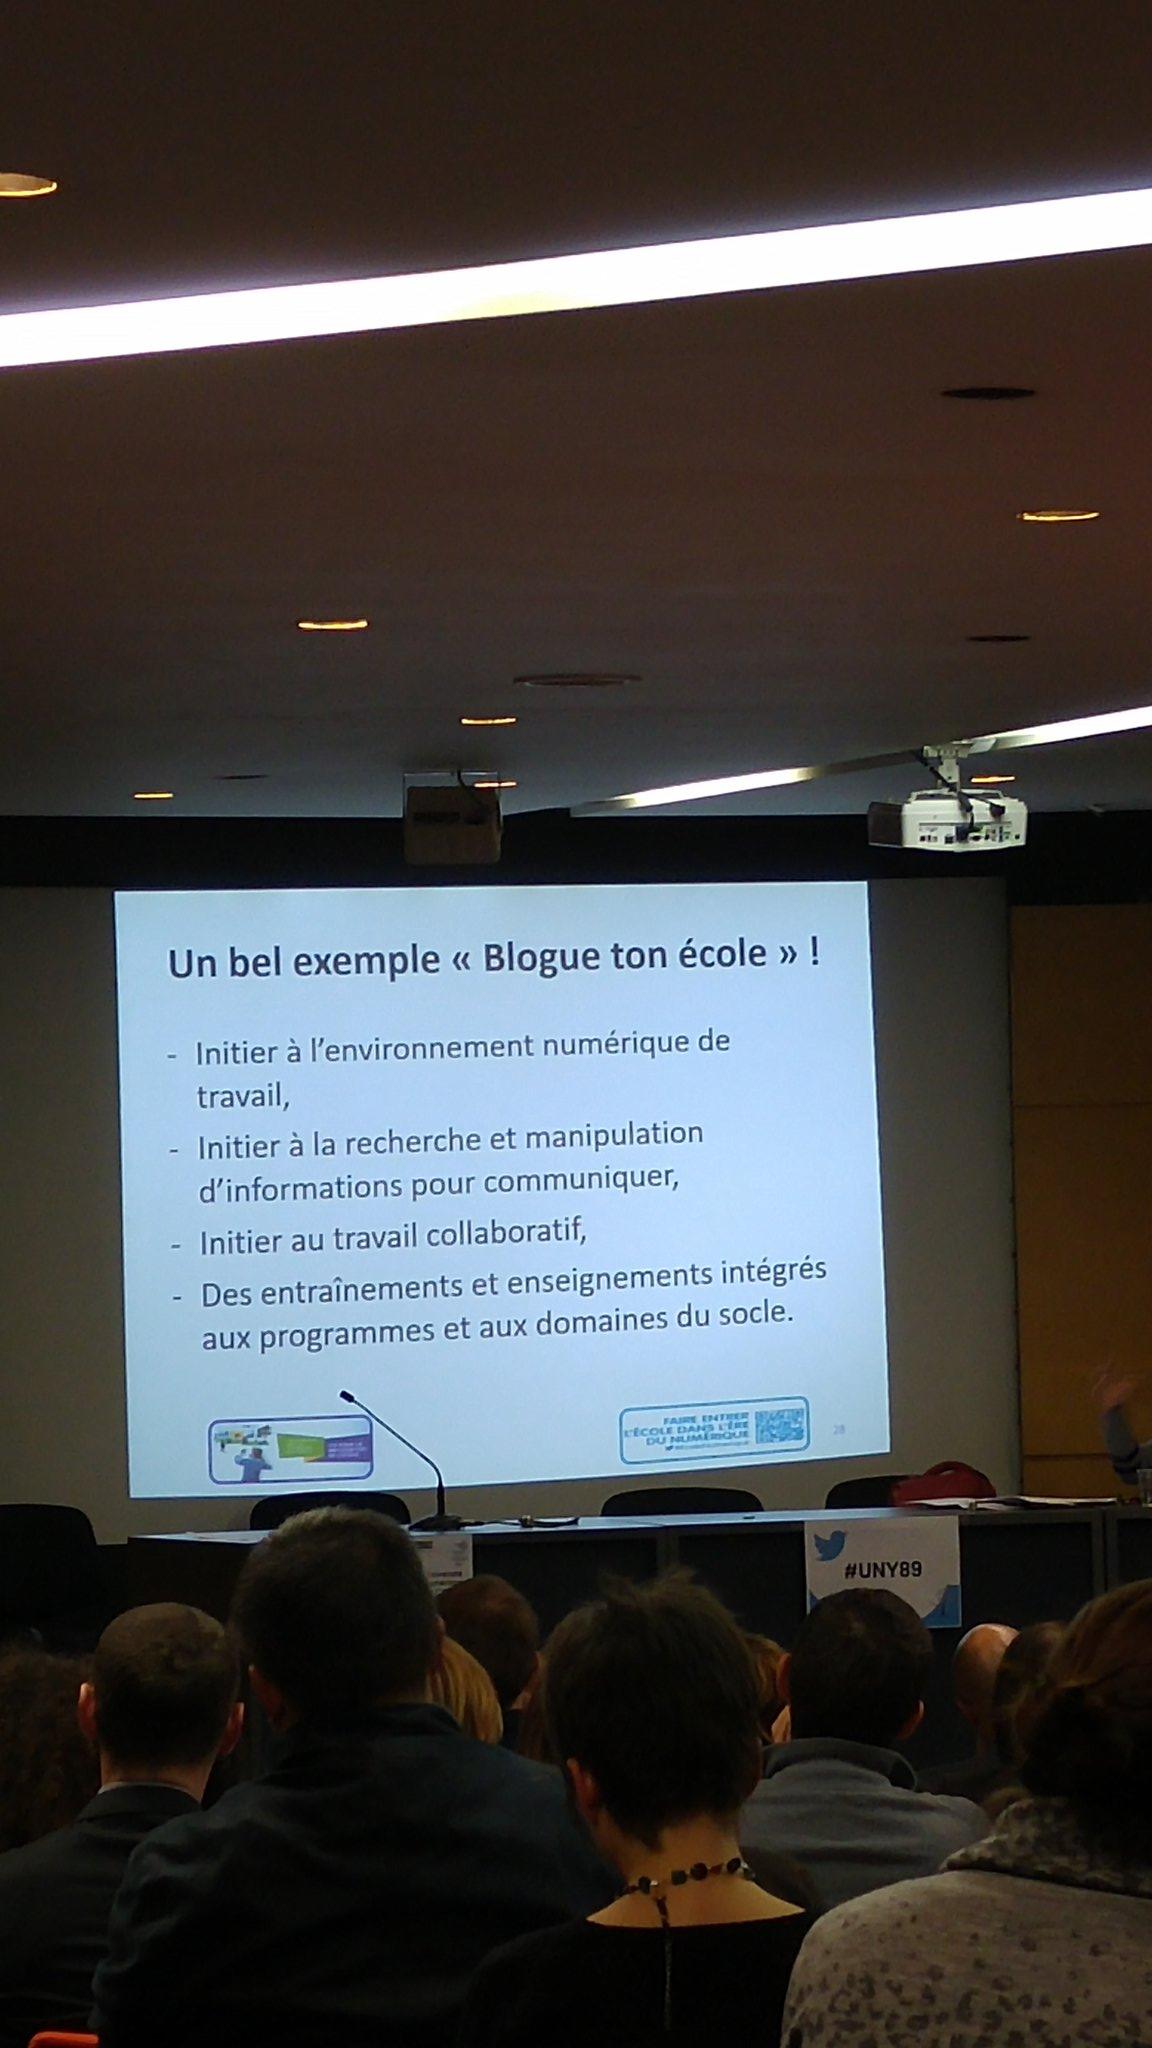 #UNY89  Elisabeth Laporte #Bloguetonecole, une entrée dans le numérique qui mêle toutes les compétences @dane_dijon @AcademieDijon https://t.co/DOUJ6WqlXN